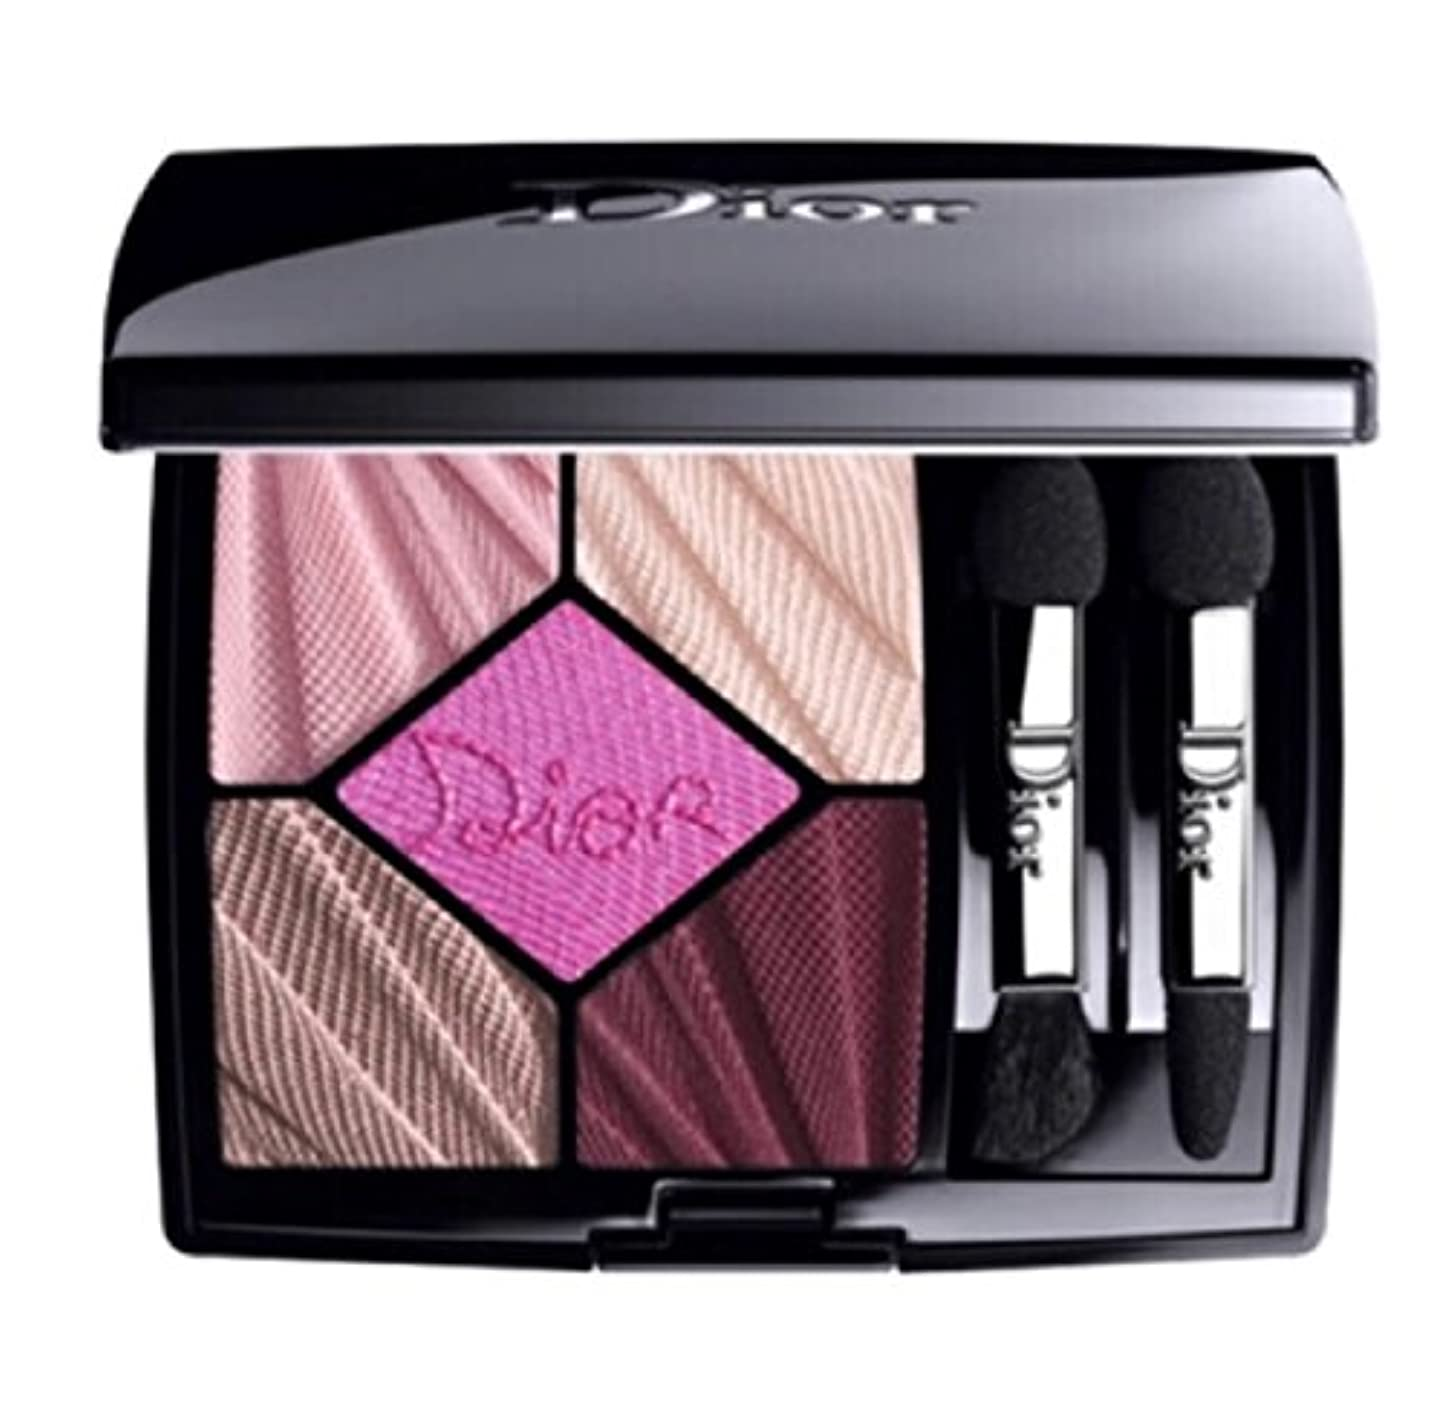 ブロッサム地元分解するディオール サンク クルール #887 スリル 限定色 -Dior